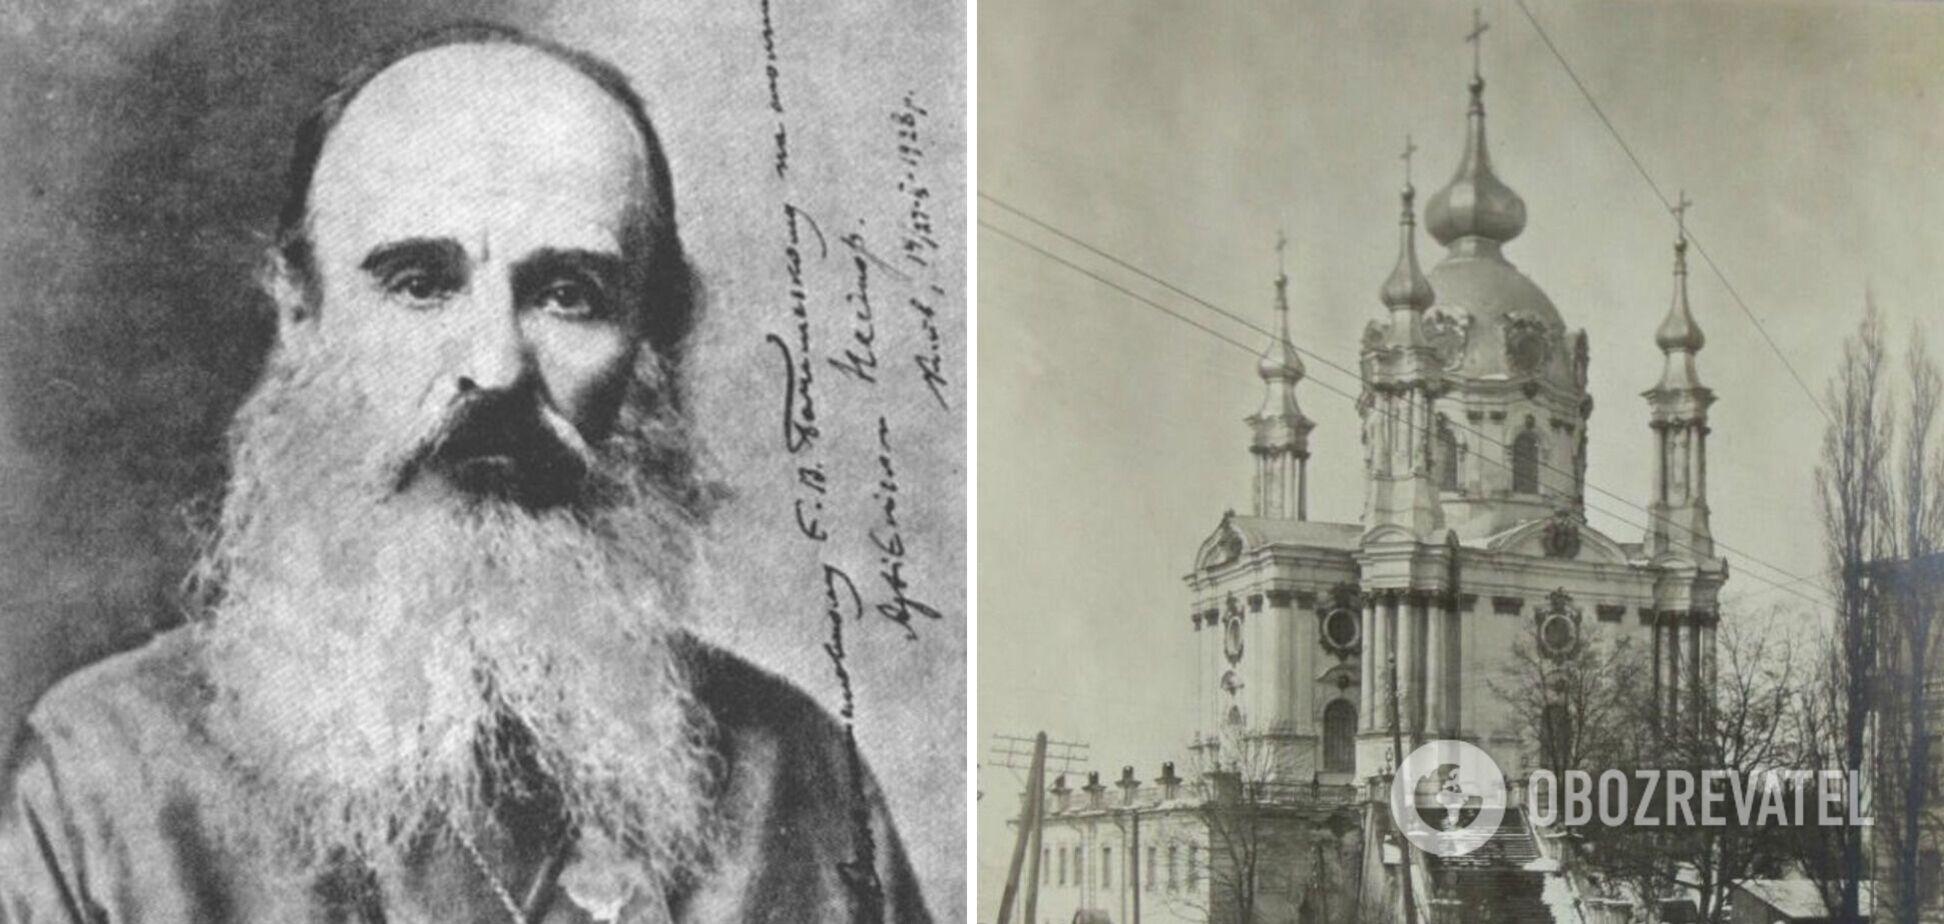 Автокефалію УПЦ проголосили ще 101 рік тому: що передувало події